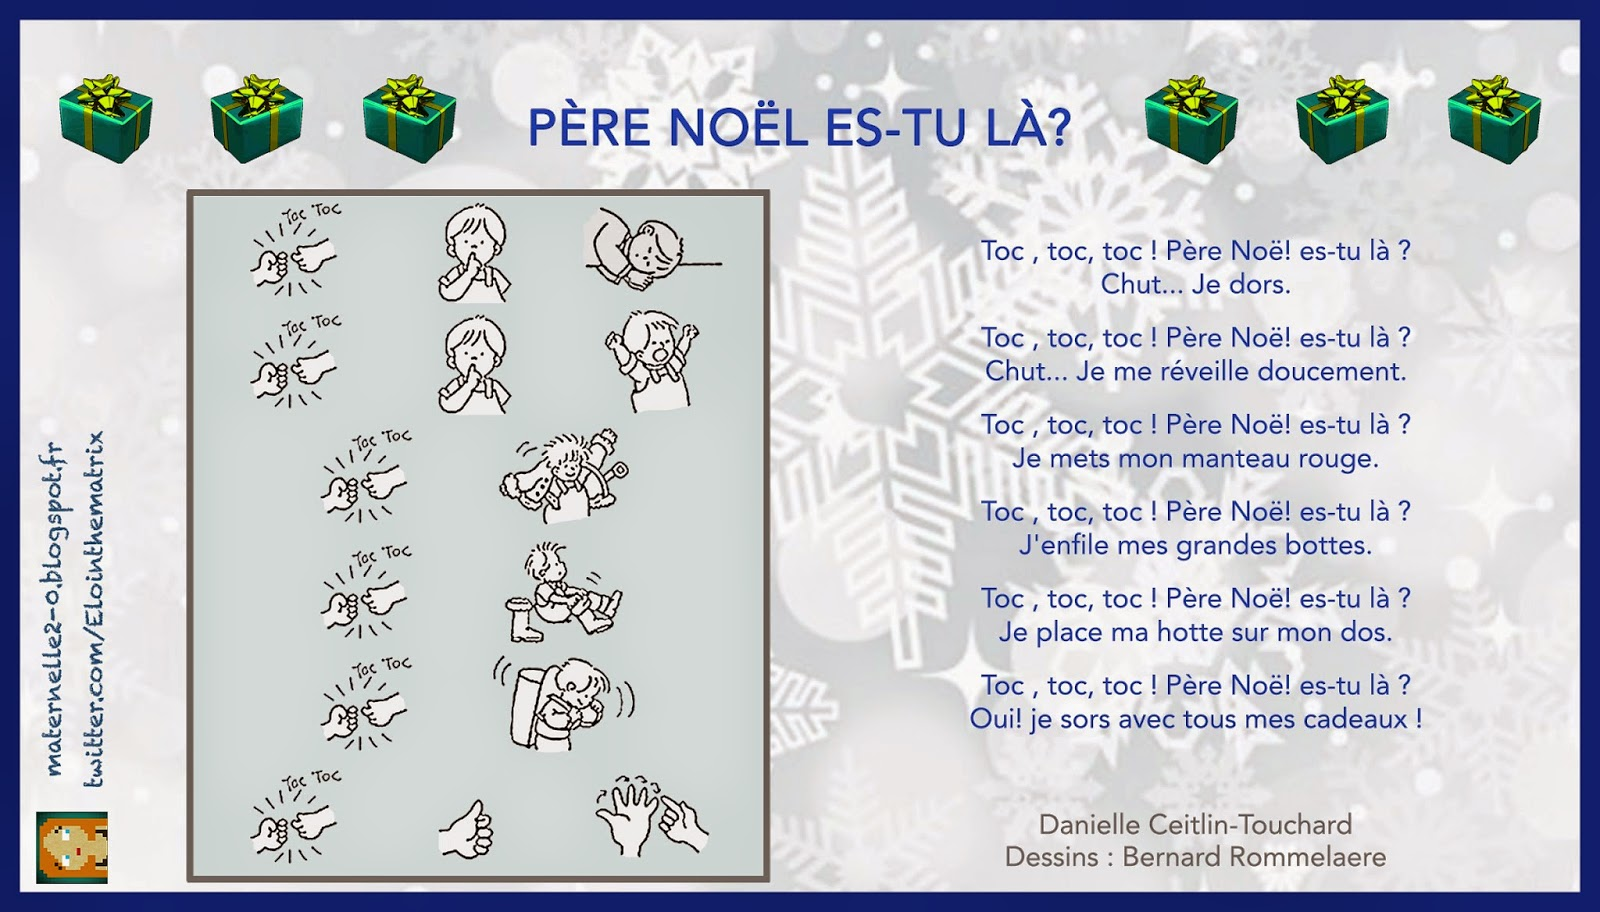 Le Pere Noel Est Pass Ef Bf Bd Tasse De Caf Ef Bf Bd